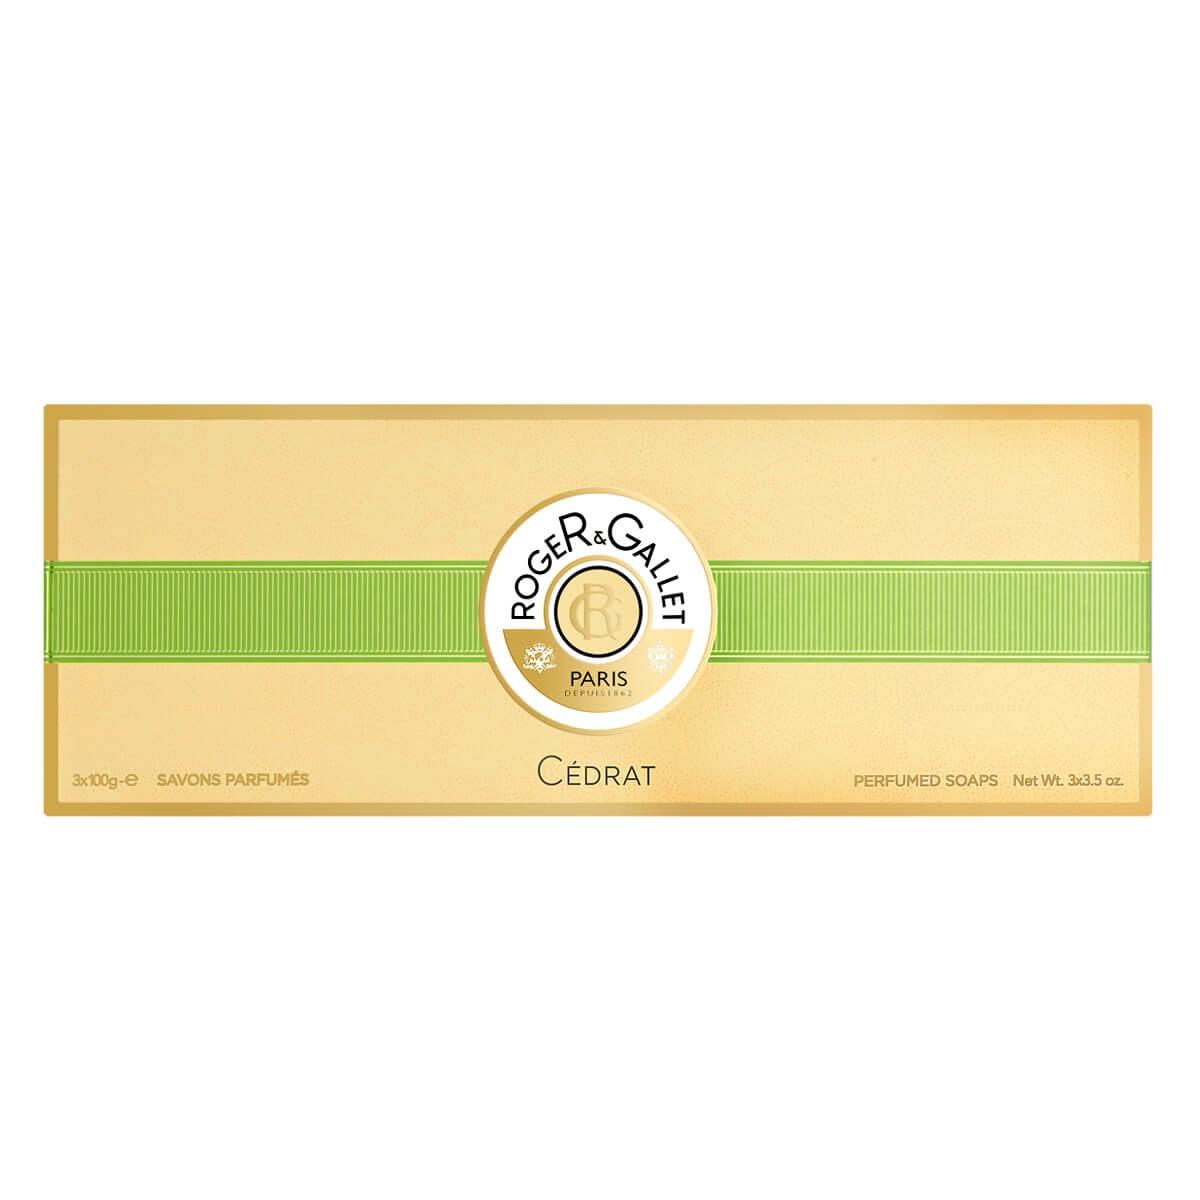 Roger & Gallet Cedrat Perfumed Soaps